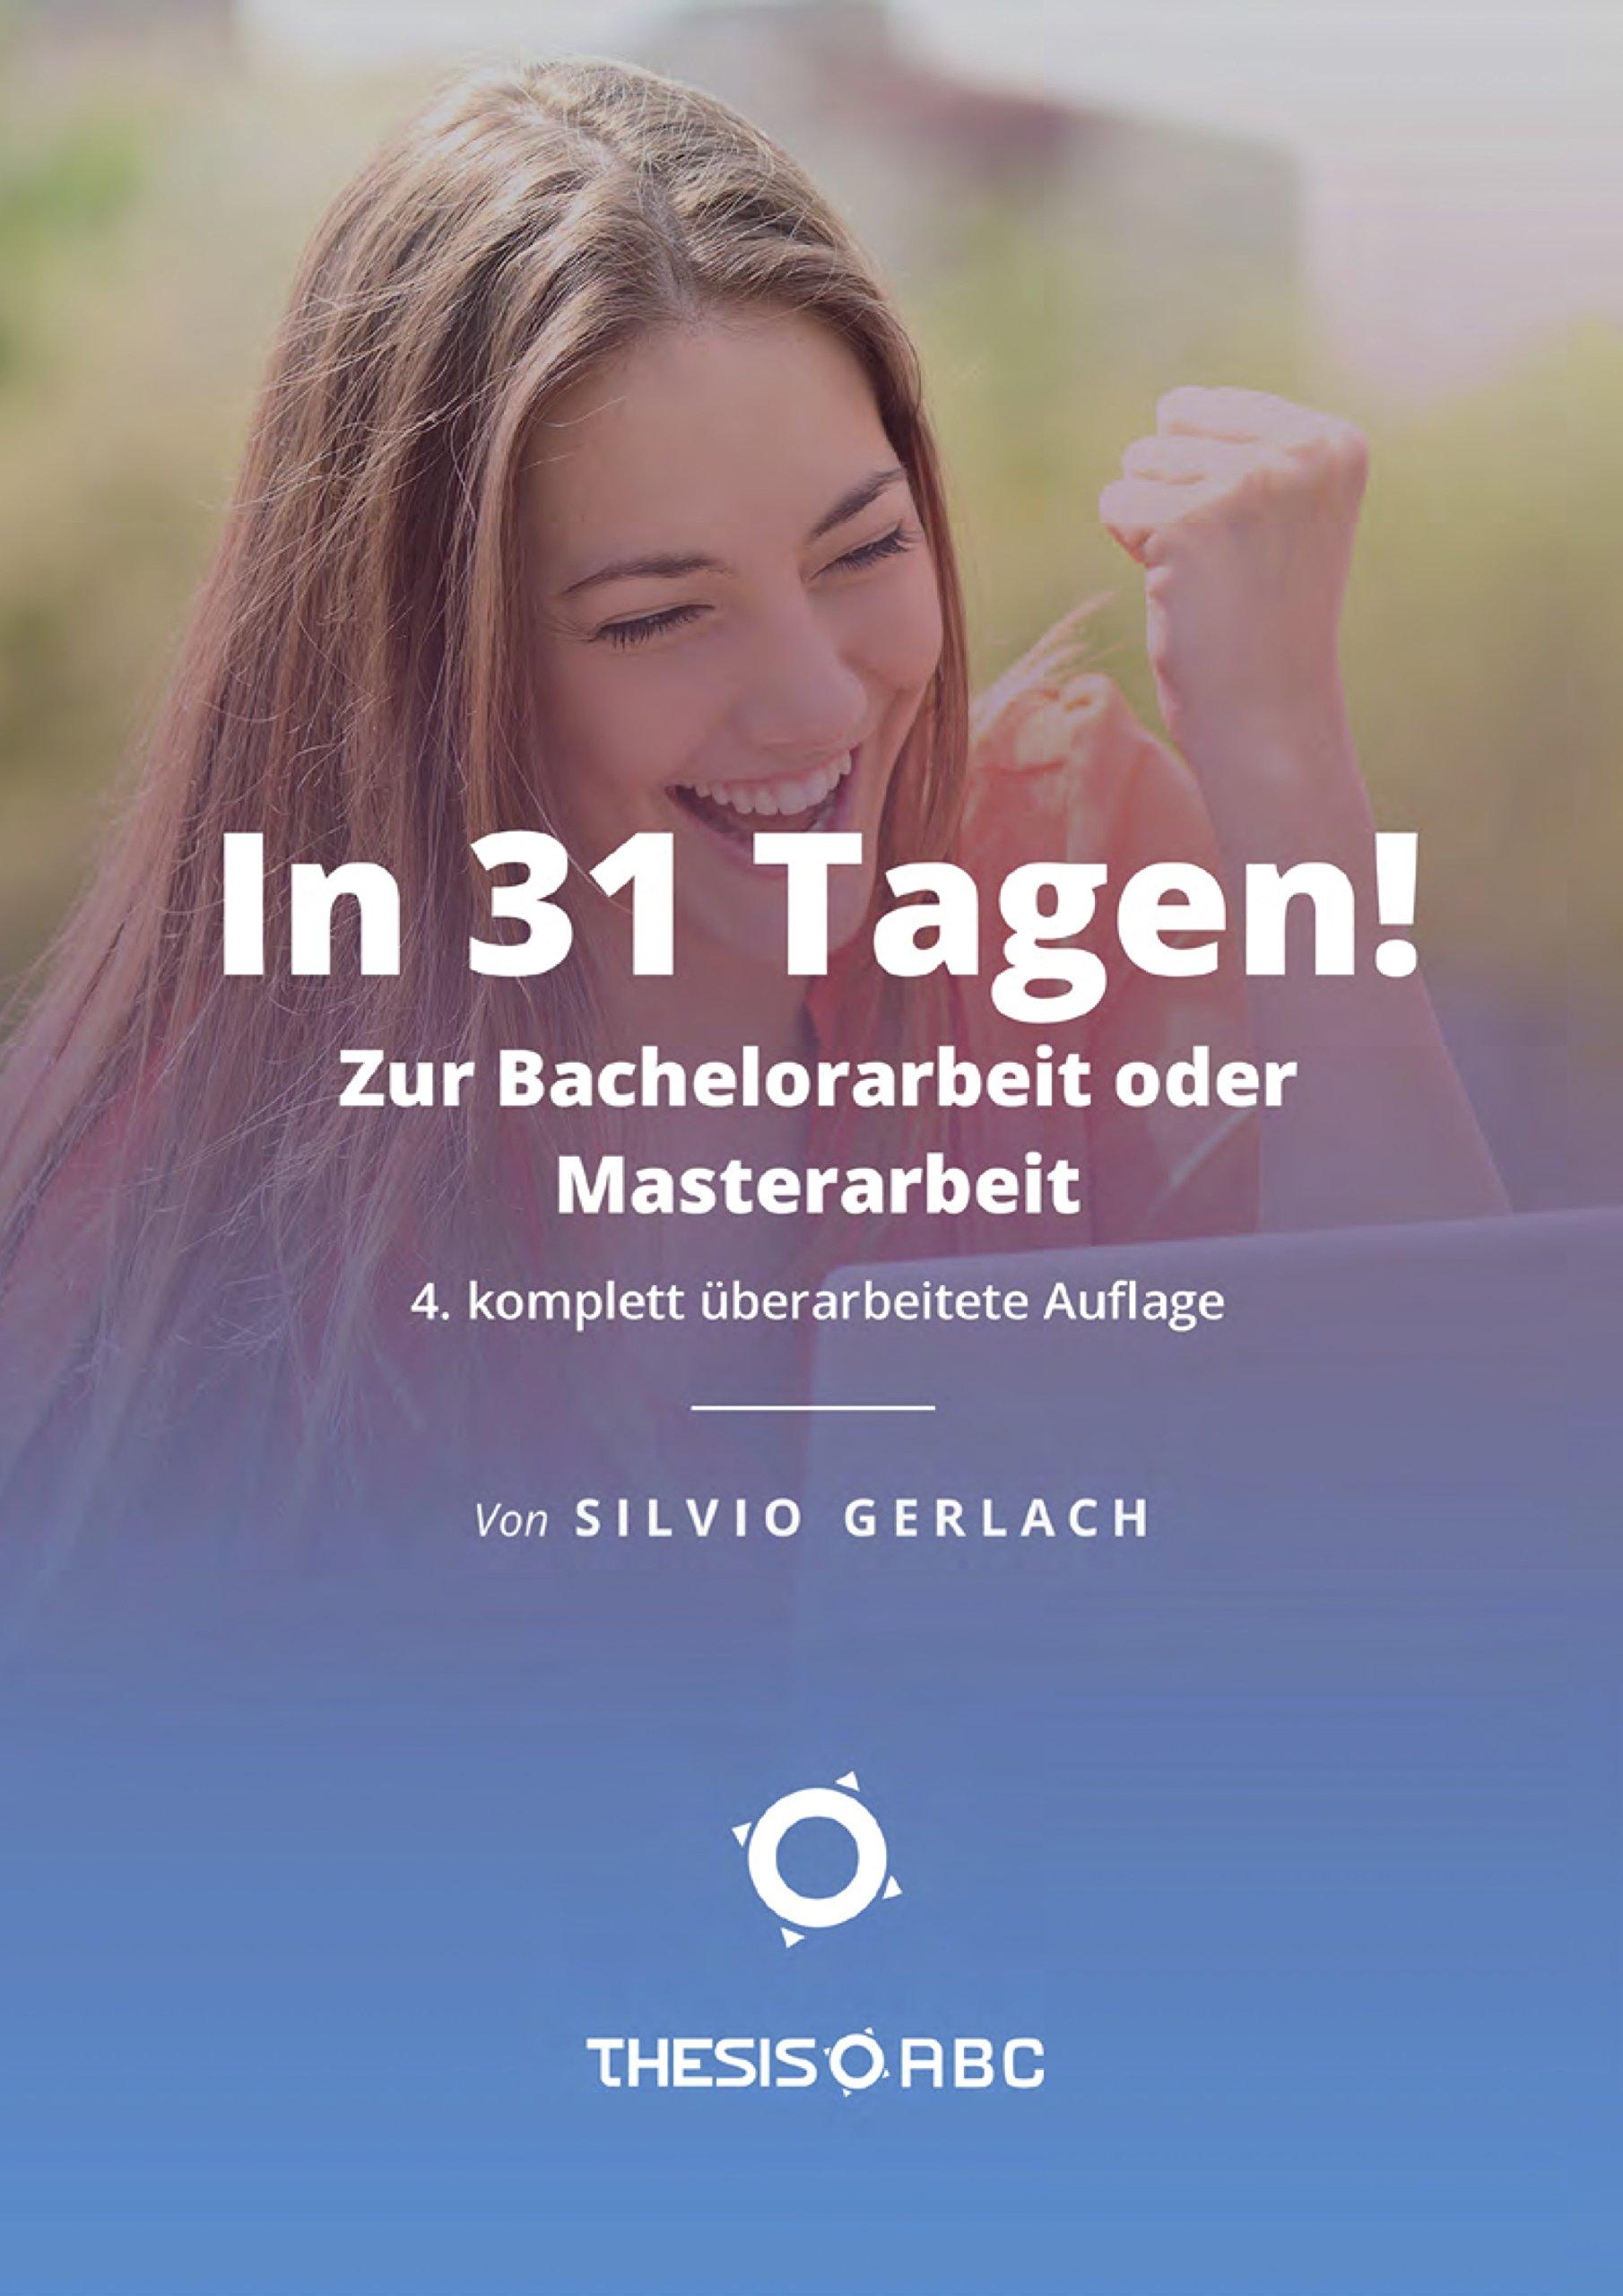 Thesis-ABC - In 31 Tagen zur Bachelorarbeit oder Masterarbeit (Wissenschaftliches Arbeiten)